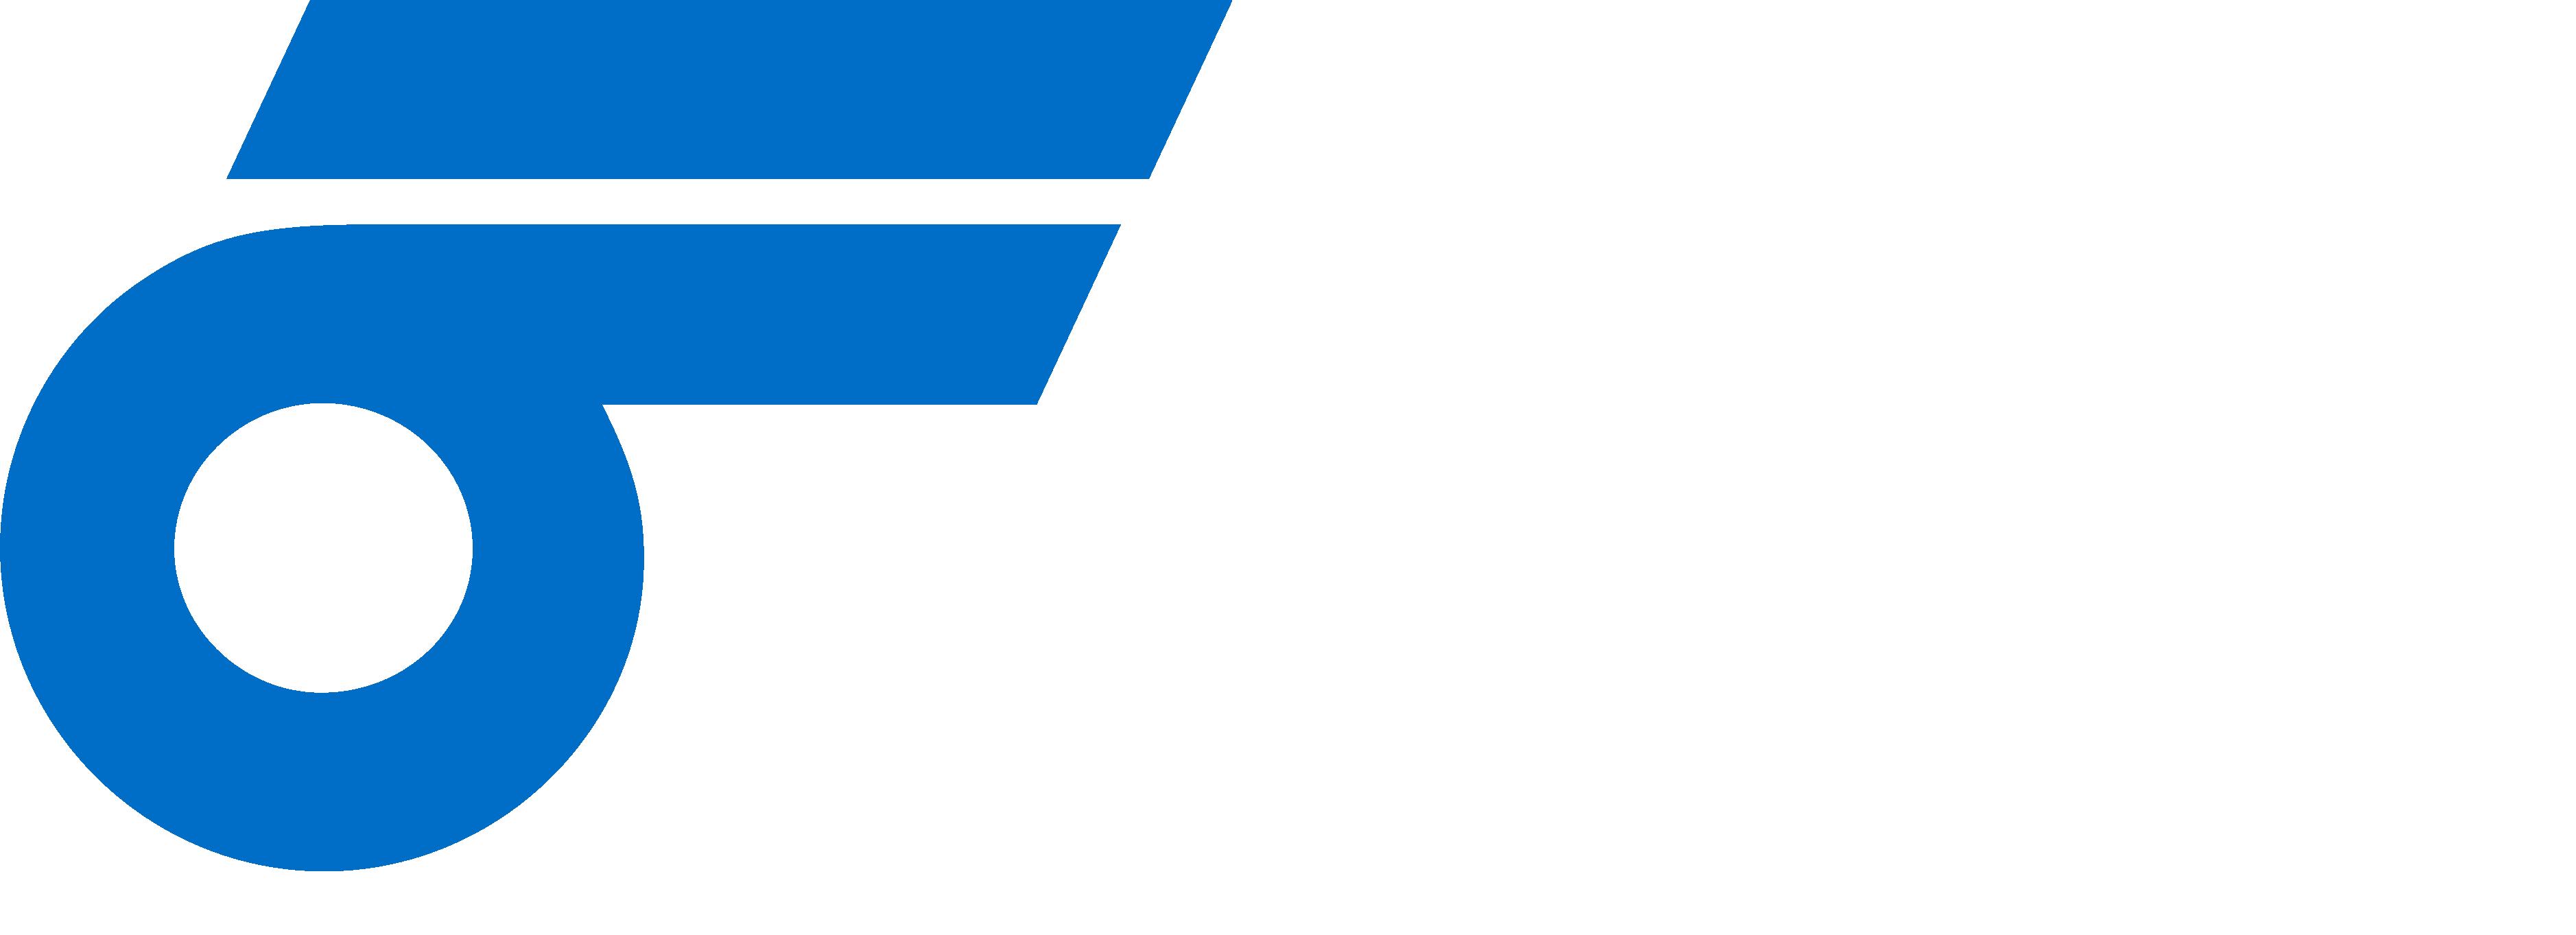 Deliverii